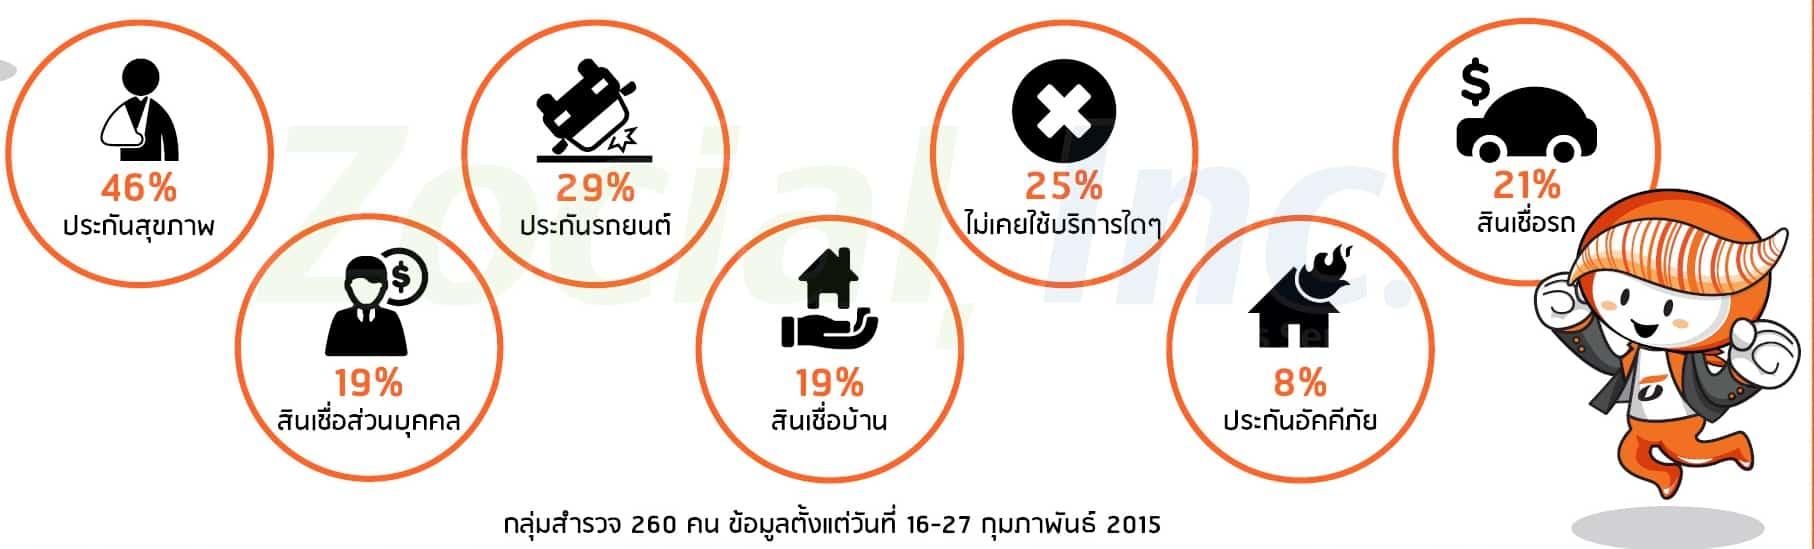 thai-manage-money-2015-p06